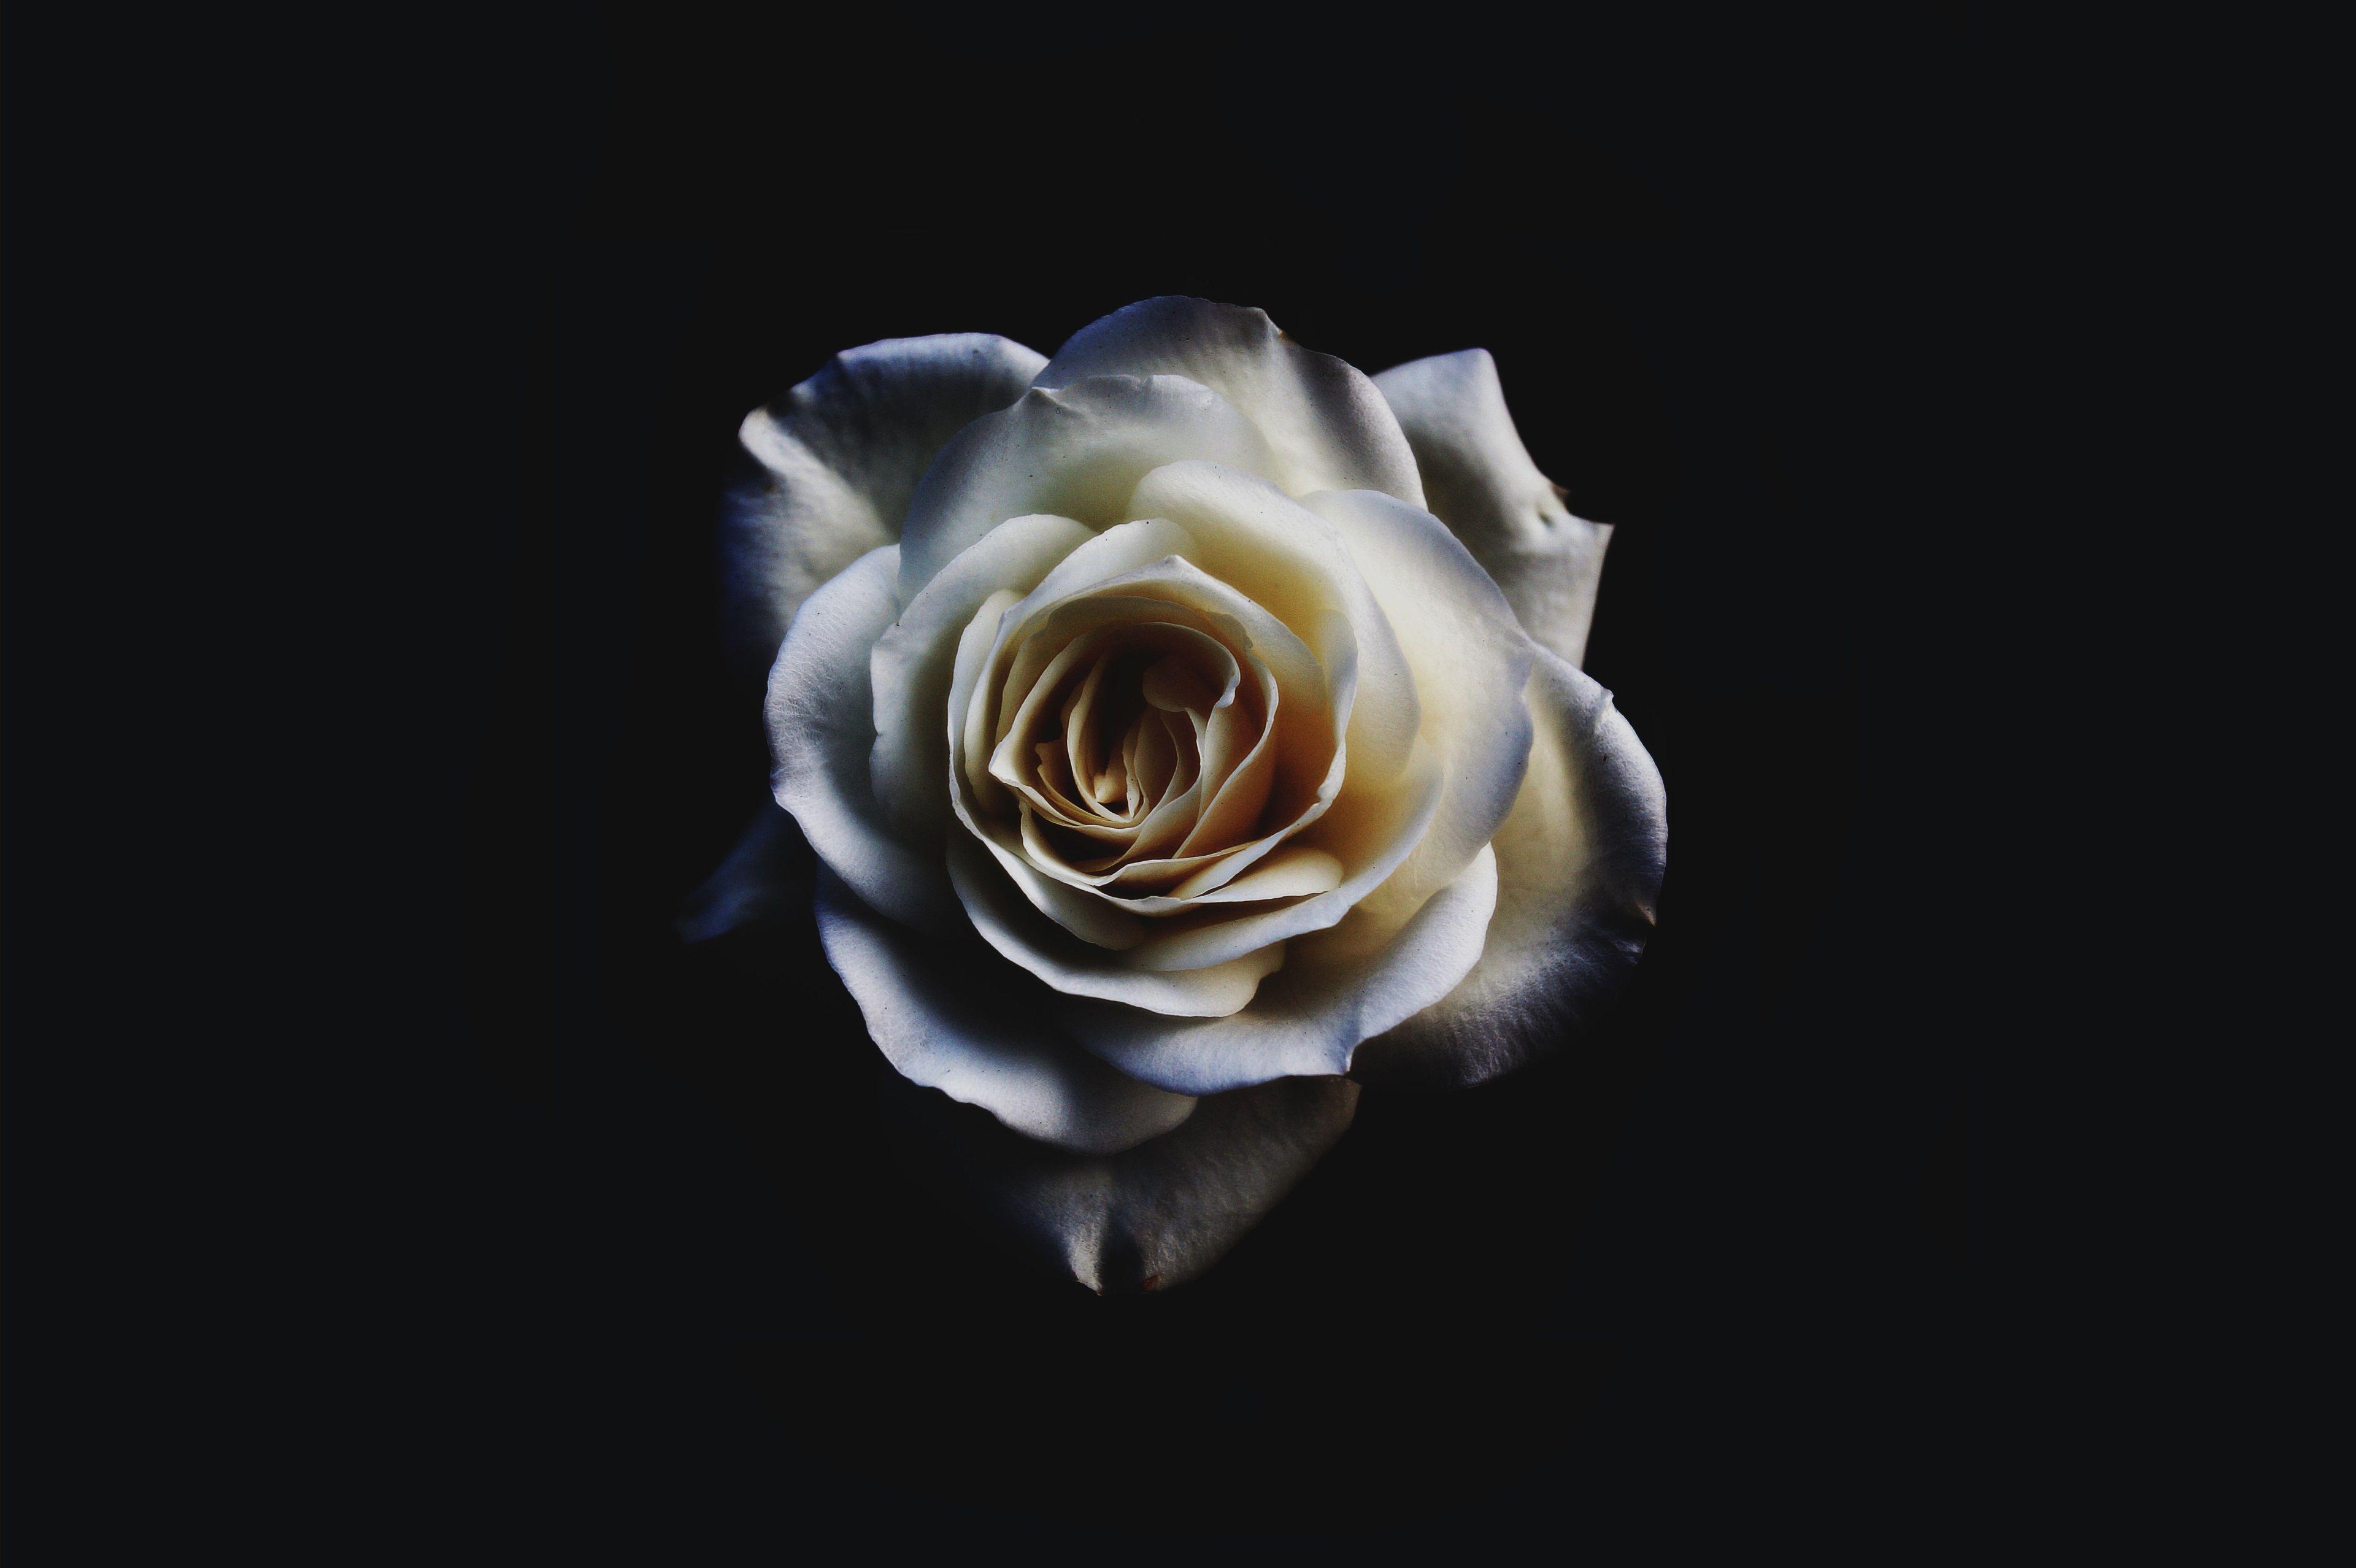 3840x2556 White Rose 4k Wallpaper Background Desktop Computer Rose Rose Wallpaper White Roses High resolution white rose wallpaper hd